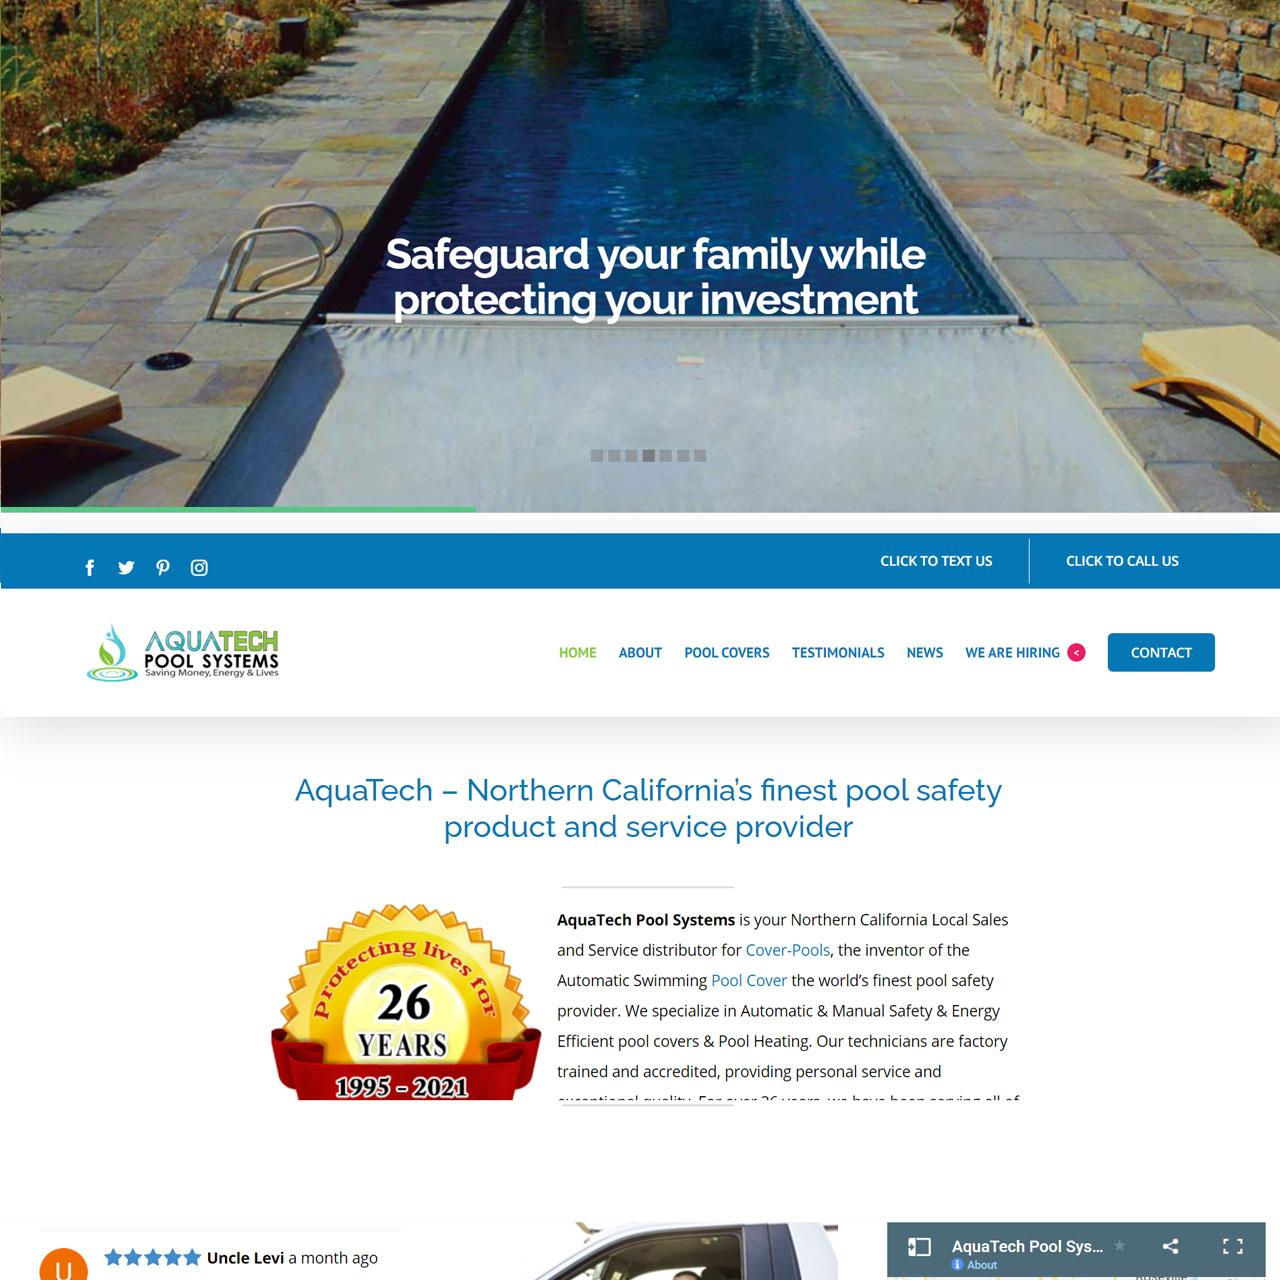 Aquatech Screenshot